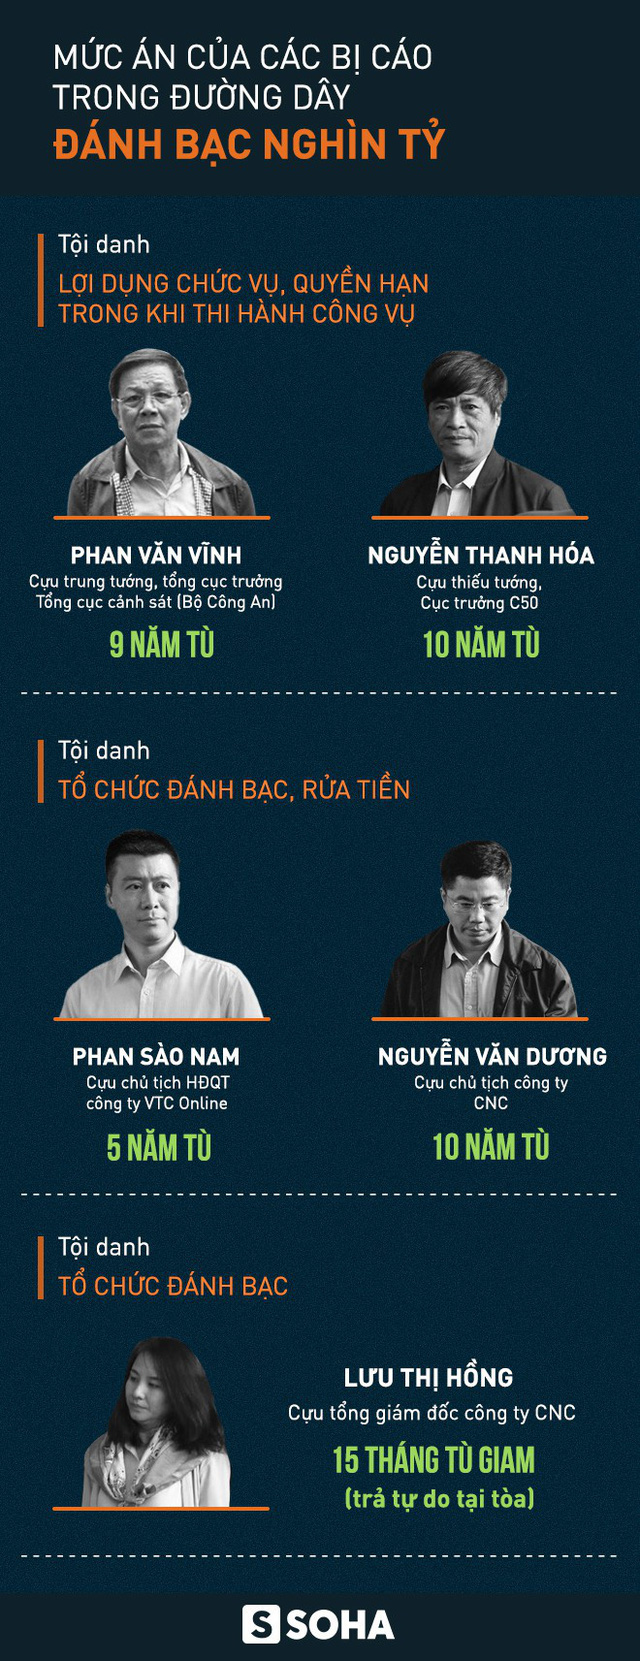 Cựu tổng cục trưởng Cảnh sát Phan Văn Vĩnh lĩnh 9 năm tù, cựu tướng Nguyễn Thanh Hóa 10 năm tù - Ảnh 1.